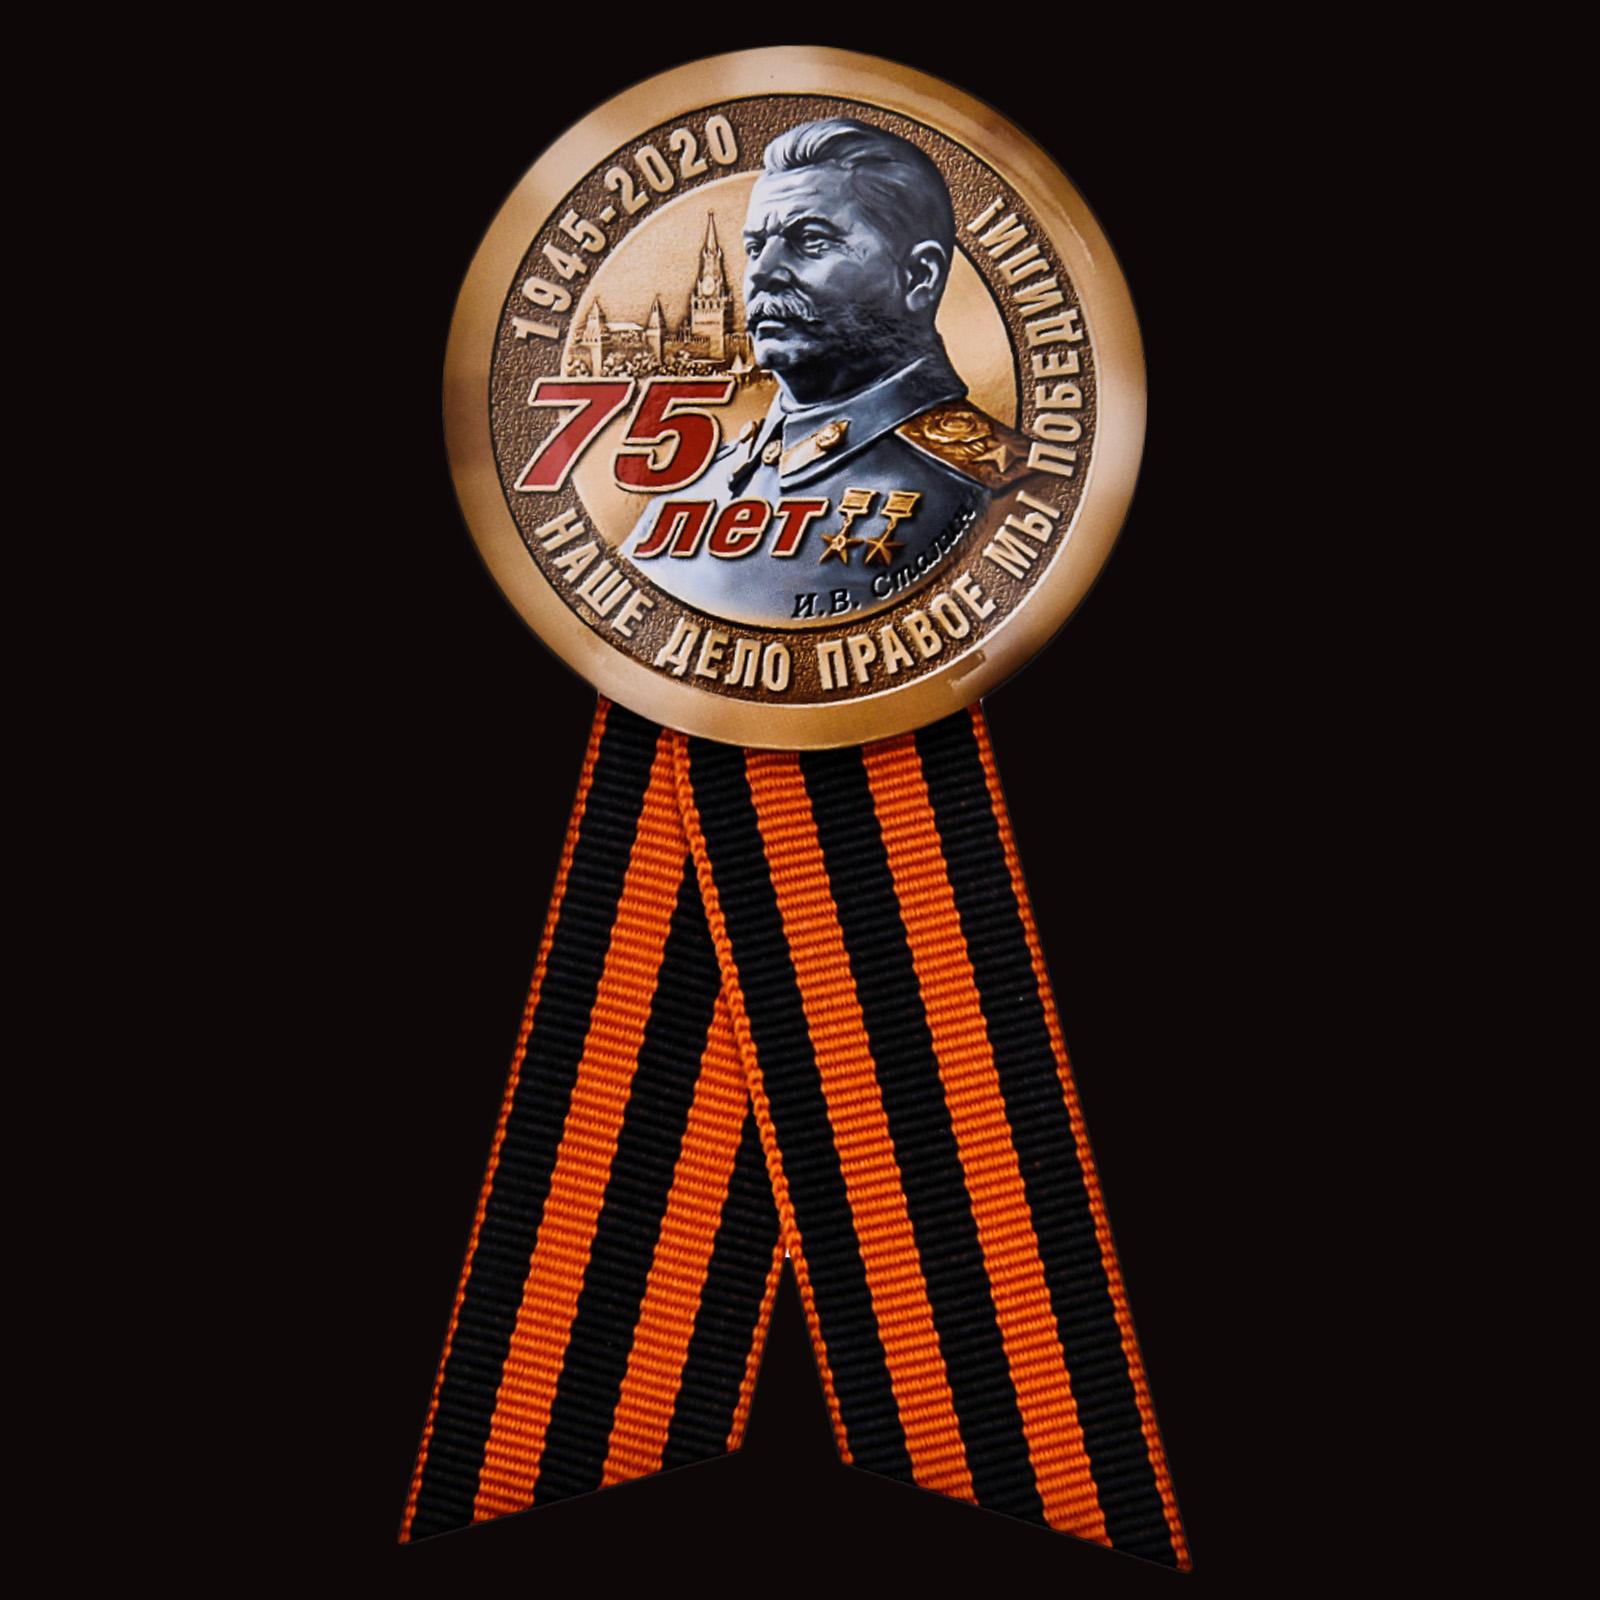 Значок на 75 лет Победы «И.В. Сталин. Наше дело правое!» в Военпро